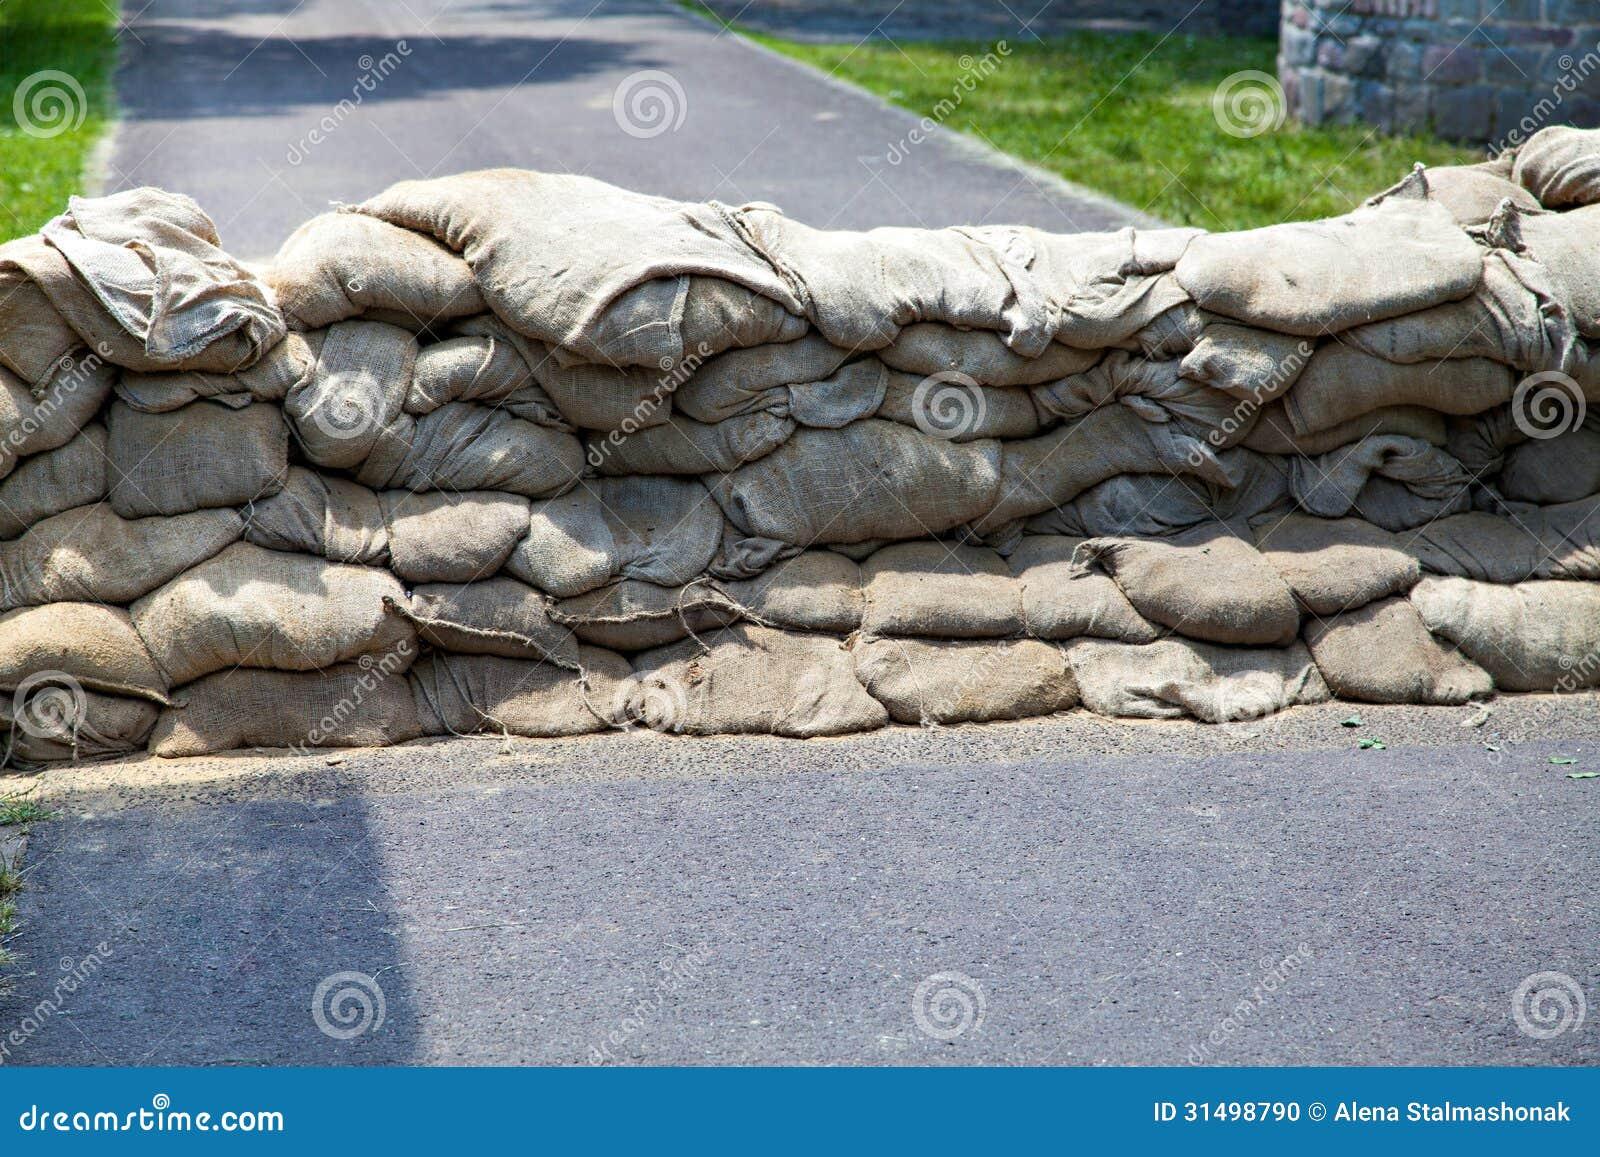 Mur des sacs de sable prot g s contre l 39 inondation photo stock image 3 - Sac de sable inondation ...